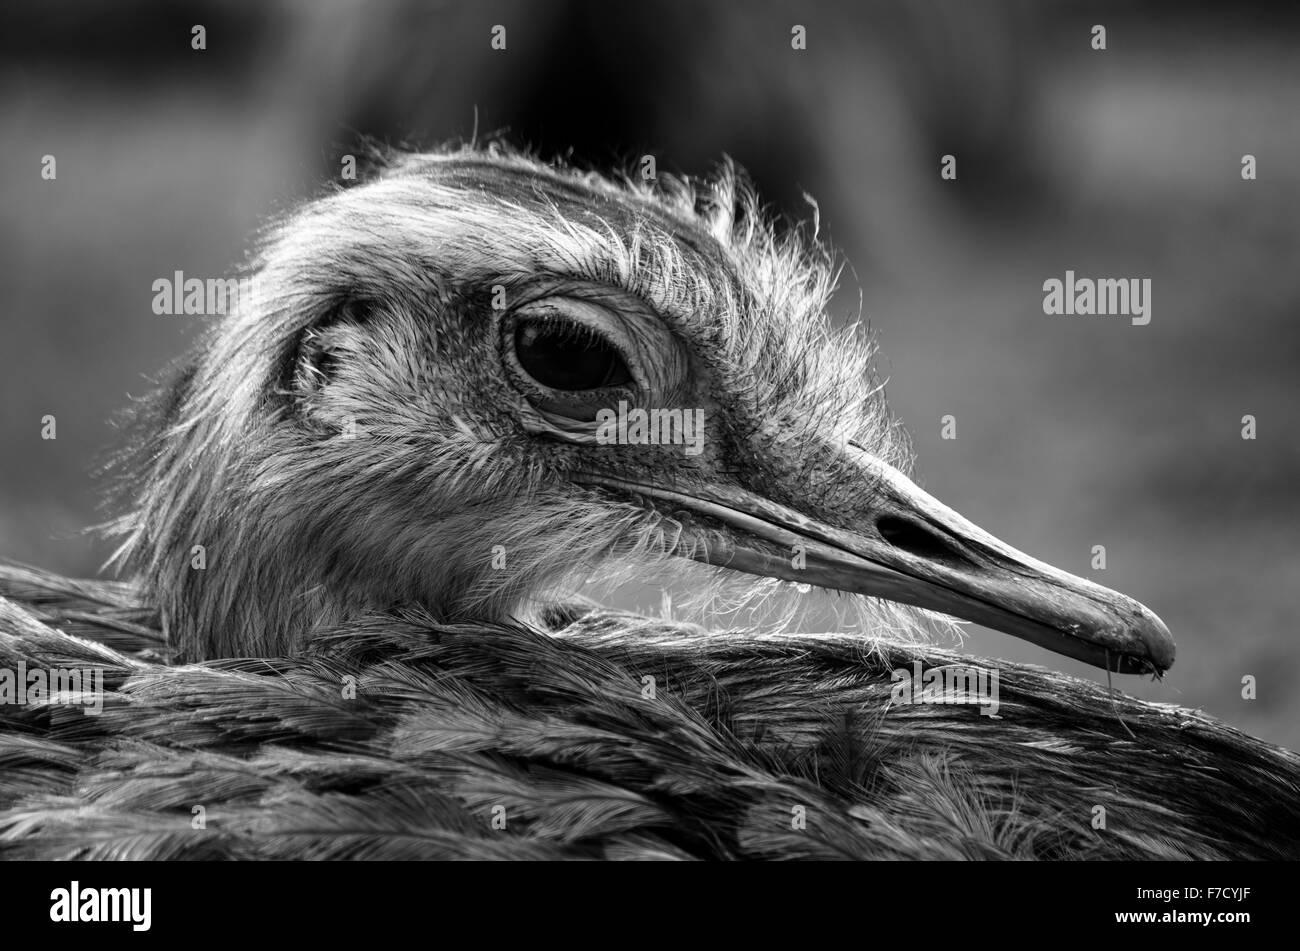 Schwarz / weiß-Kopfschuss von Emu (Dromaius Novaehollandiae) im Profil Stockfoto